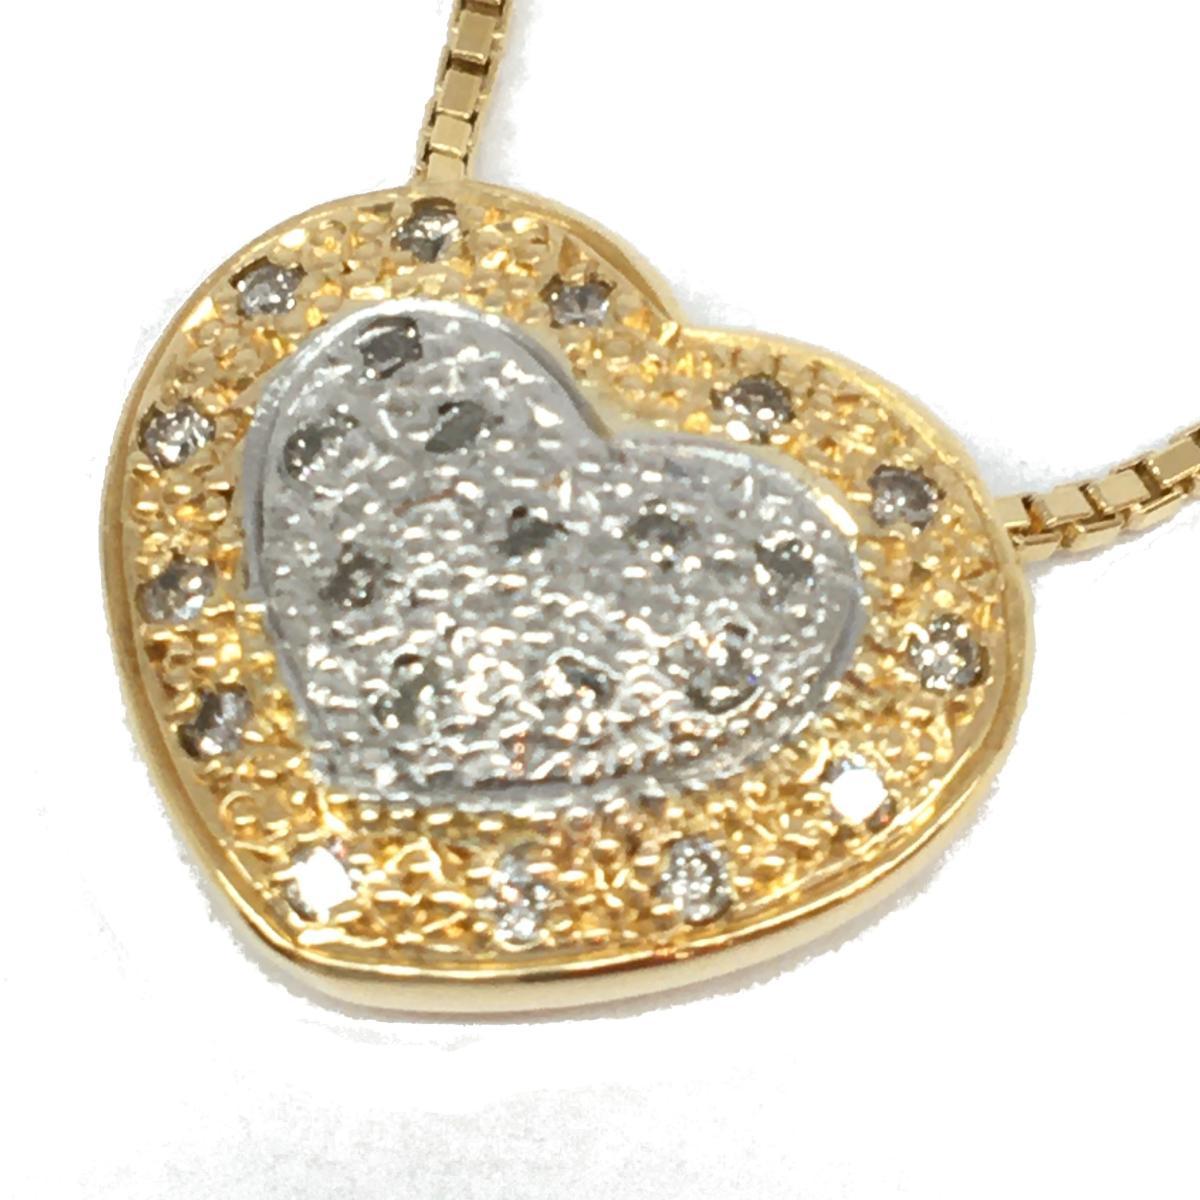 JEWELRY(ジュエリー)/ダイヤモンドネックレス/ネックレス//K18YG(750)イエローゴールド×Pt900×ダイヤモンド 0.24ct/【ランクA】【中古】